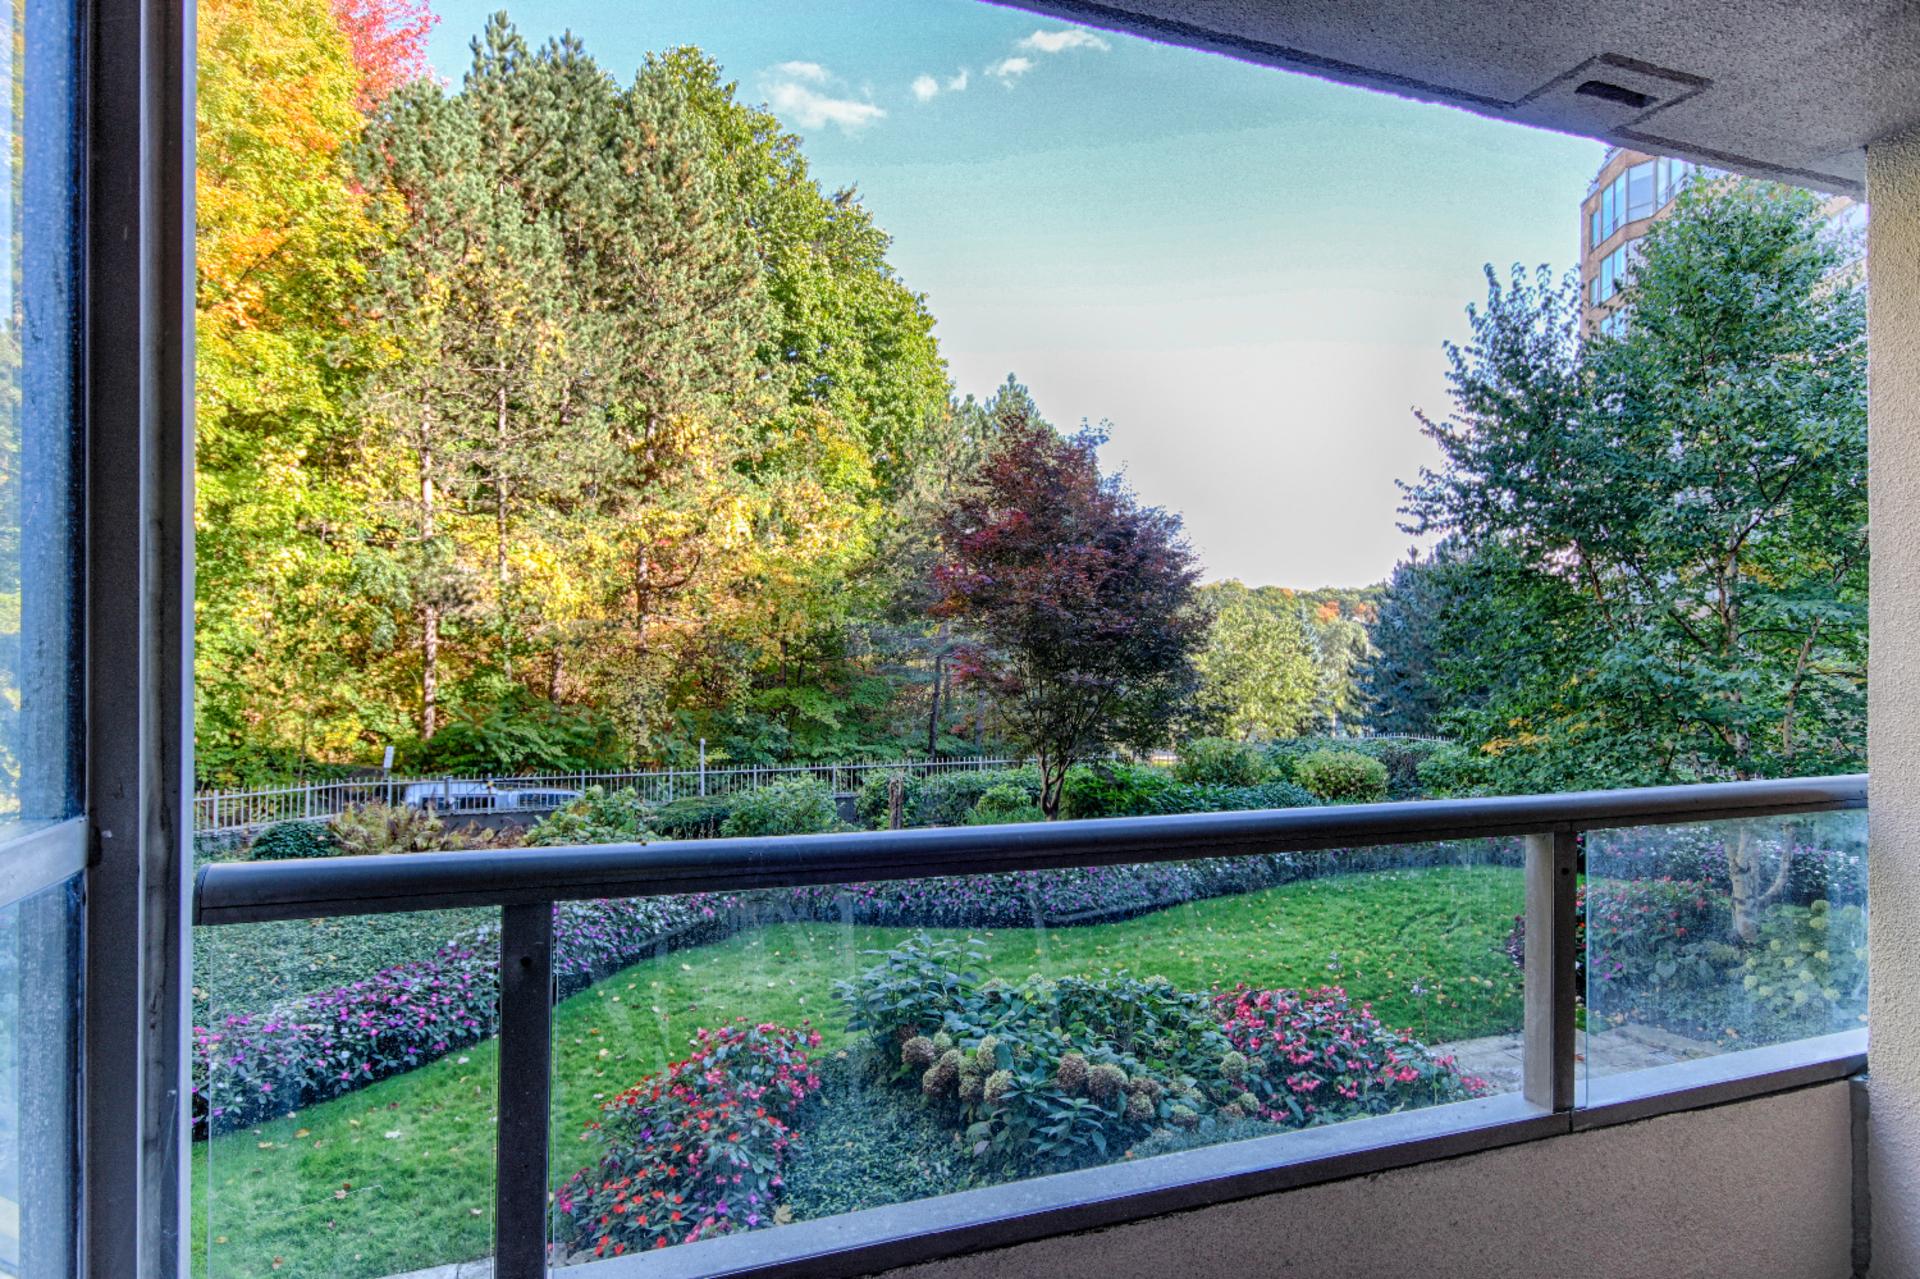 Garden Views at 319 - 3800 Yonge Street, Bedford Park-Nortown, Toronto